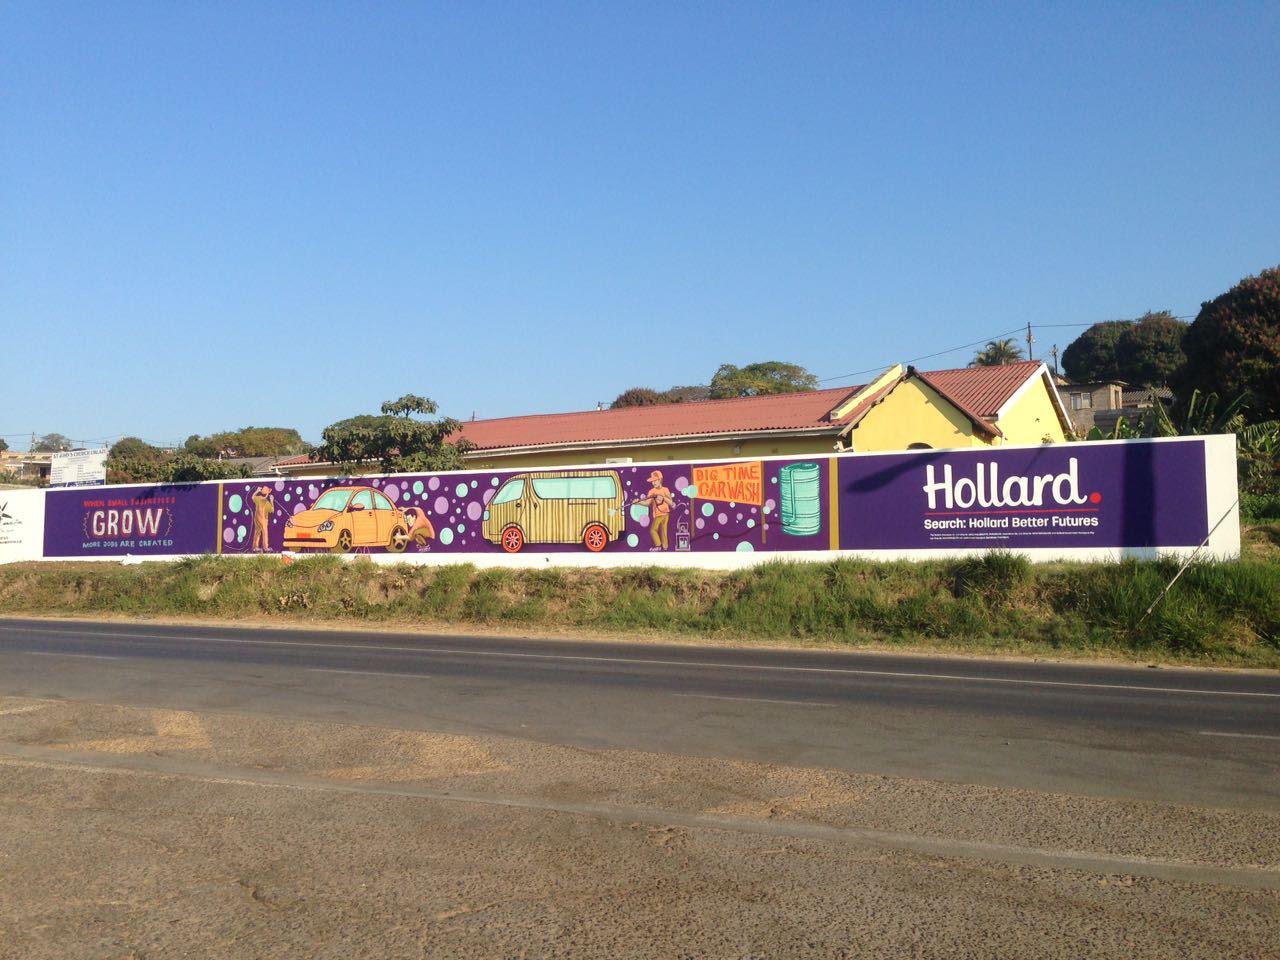 Hollard Insurance Country wide Murals – SJ ARTISTS